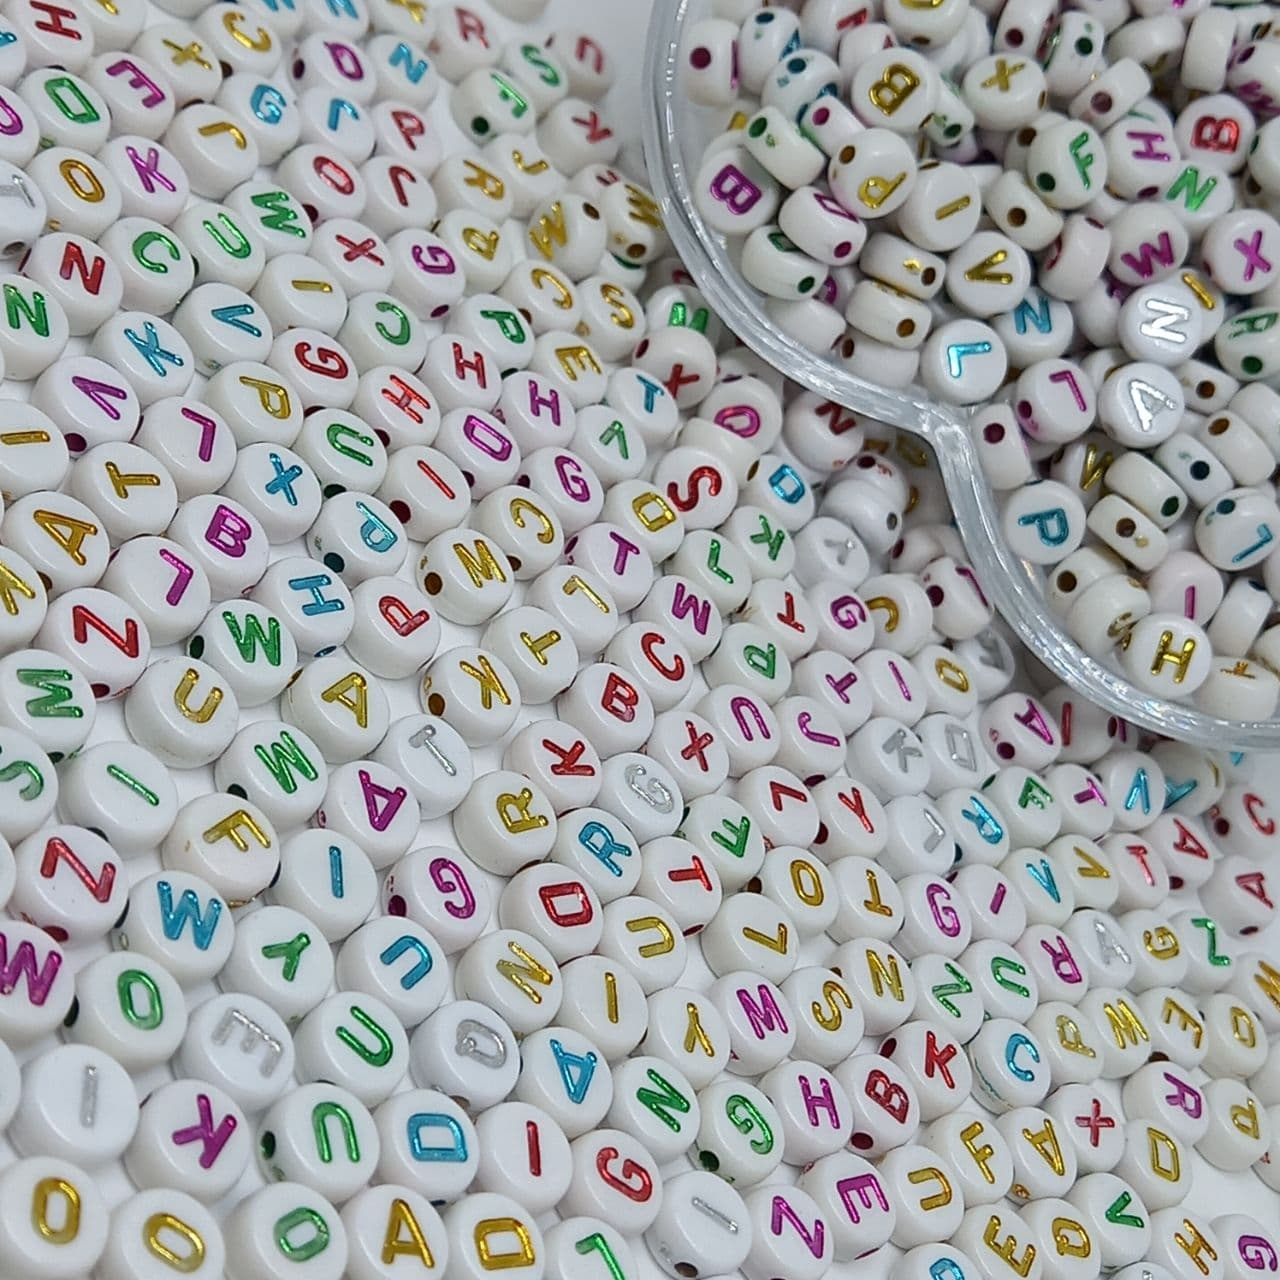 Alfabeto redondo branco c/ letras coloridas metalizadas 7mm - 25g